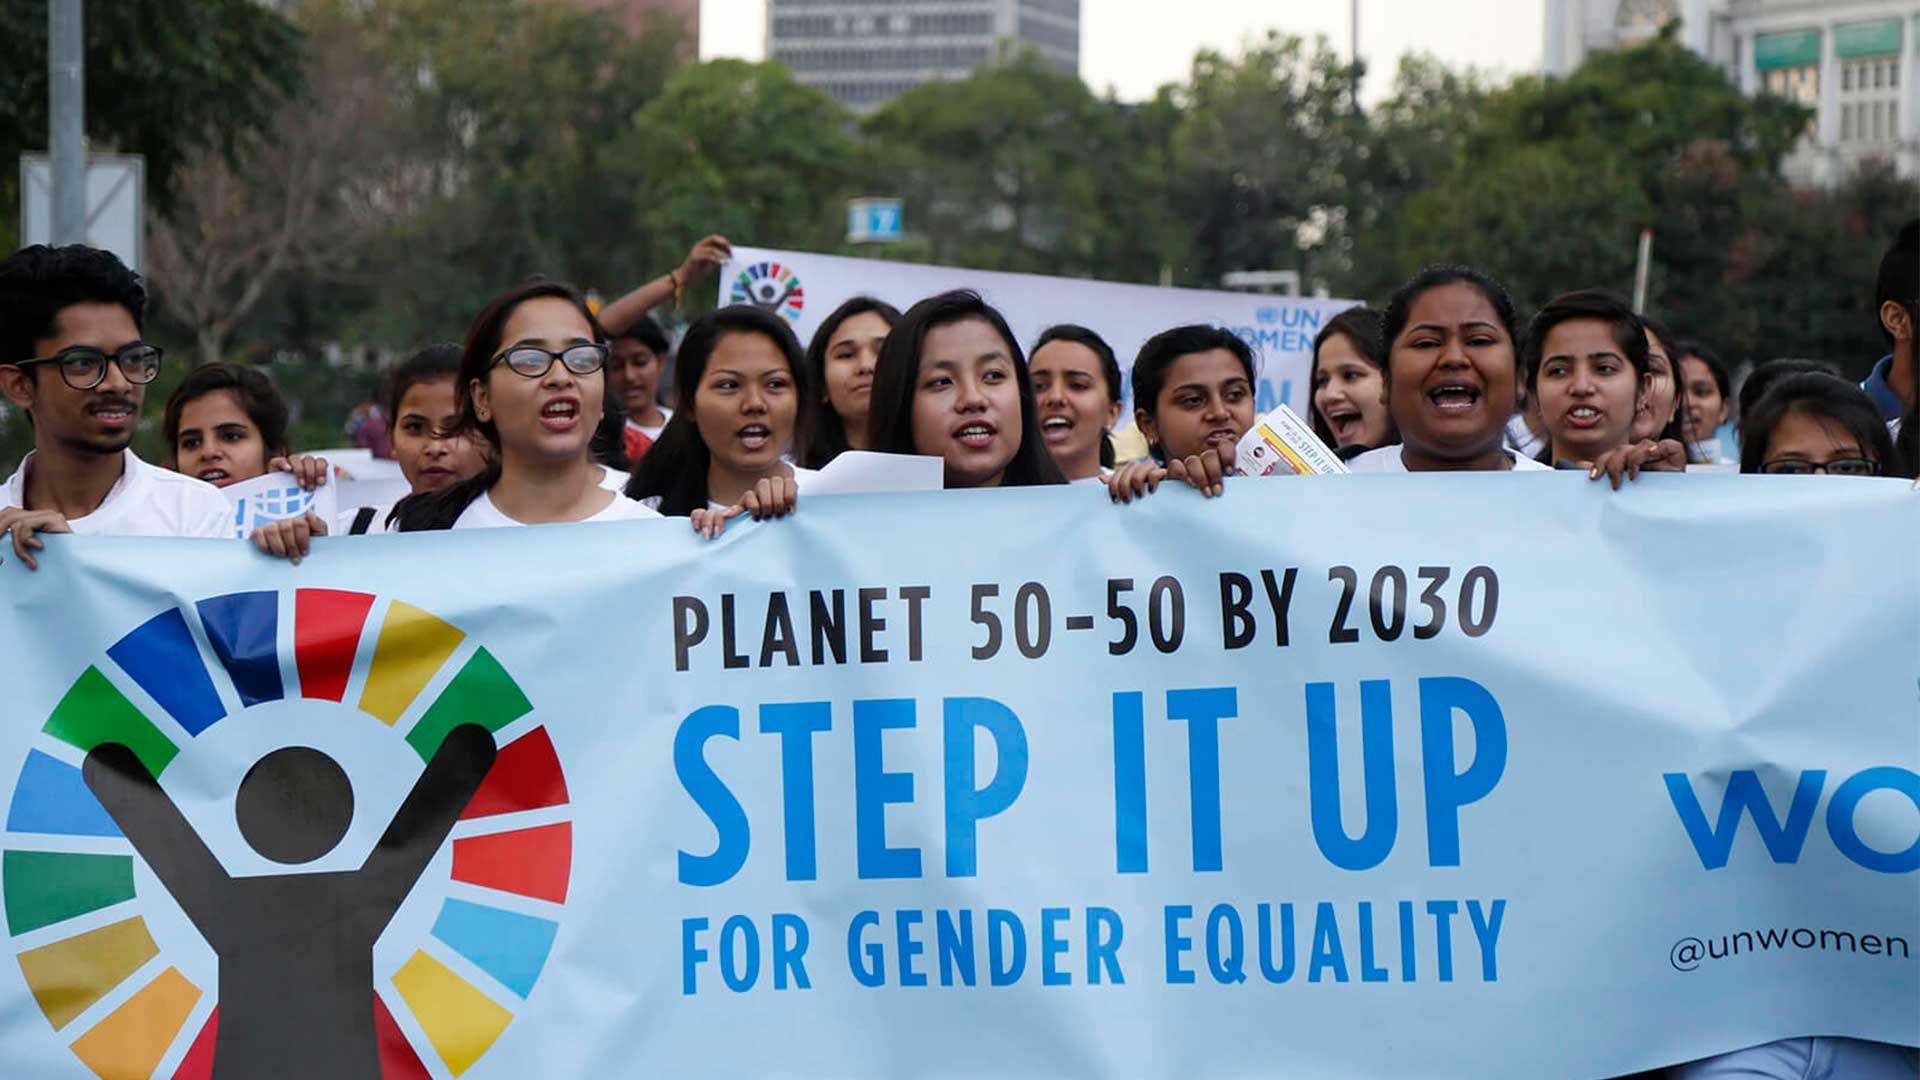 UN Women demonstration